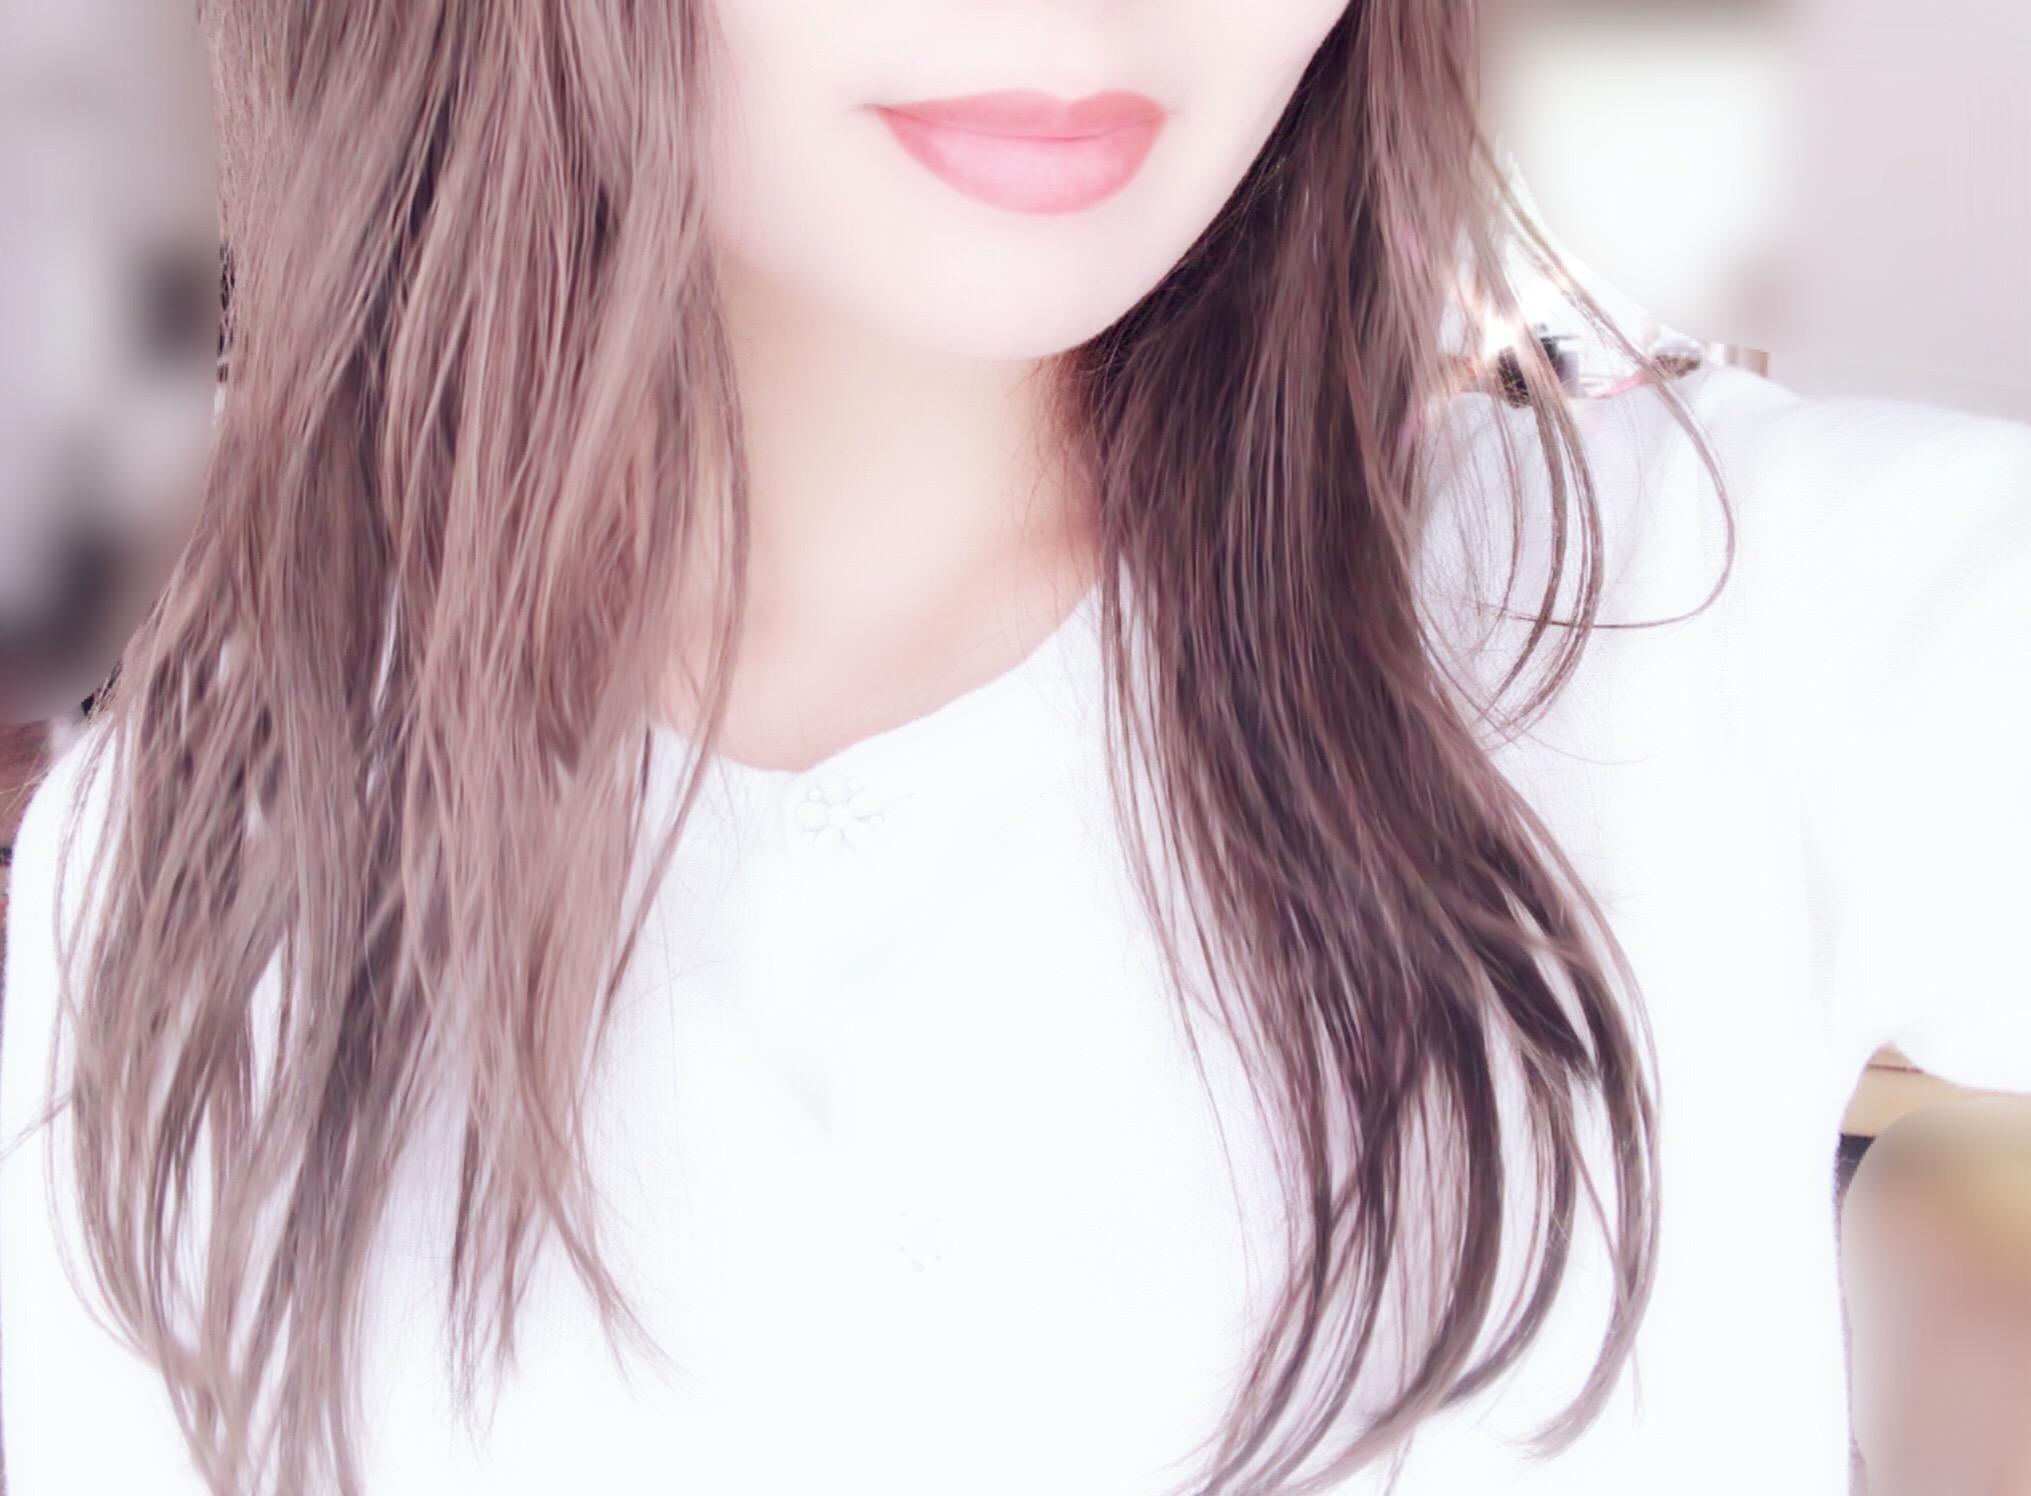 「14じ*°」09/10(09/10) 13:30 | ゆな 滑らか柔らか白肌美少女♪の写メ・風俗動画